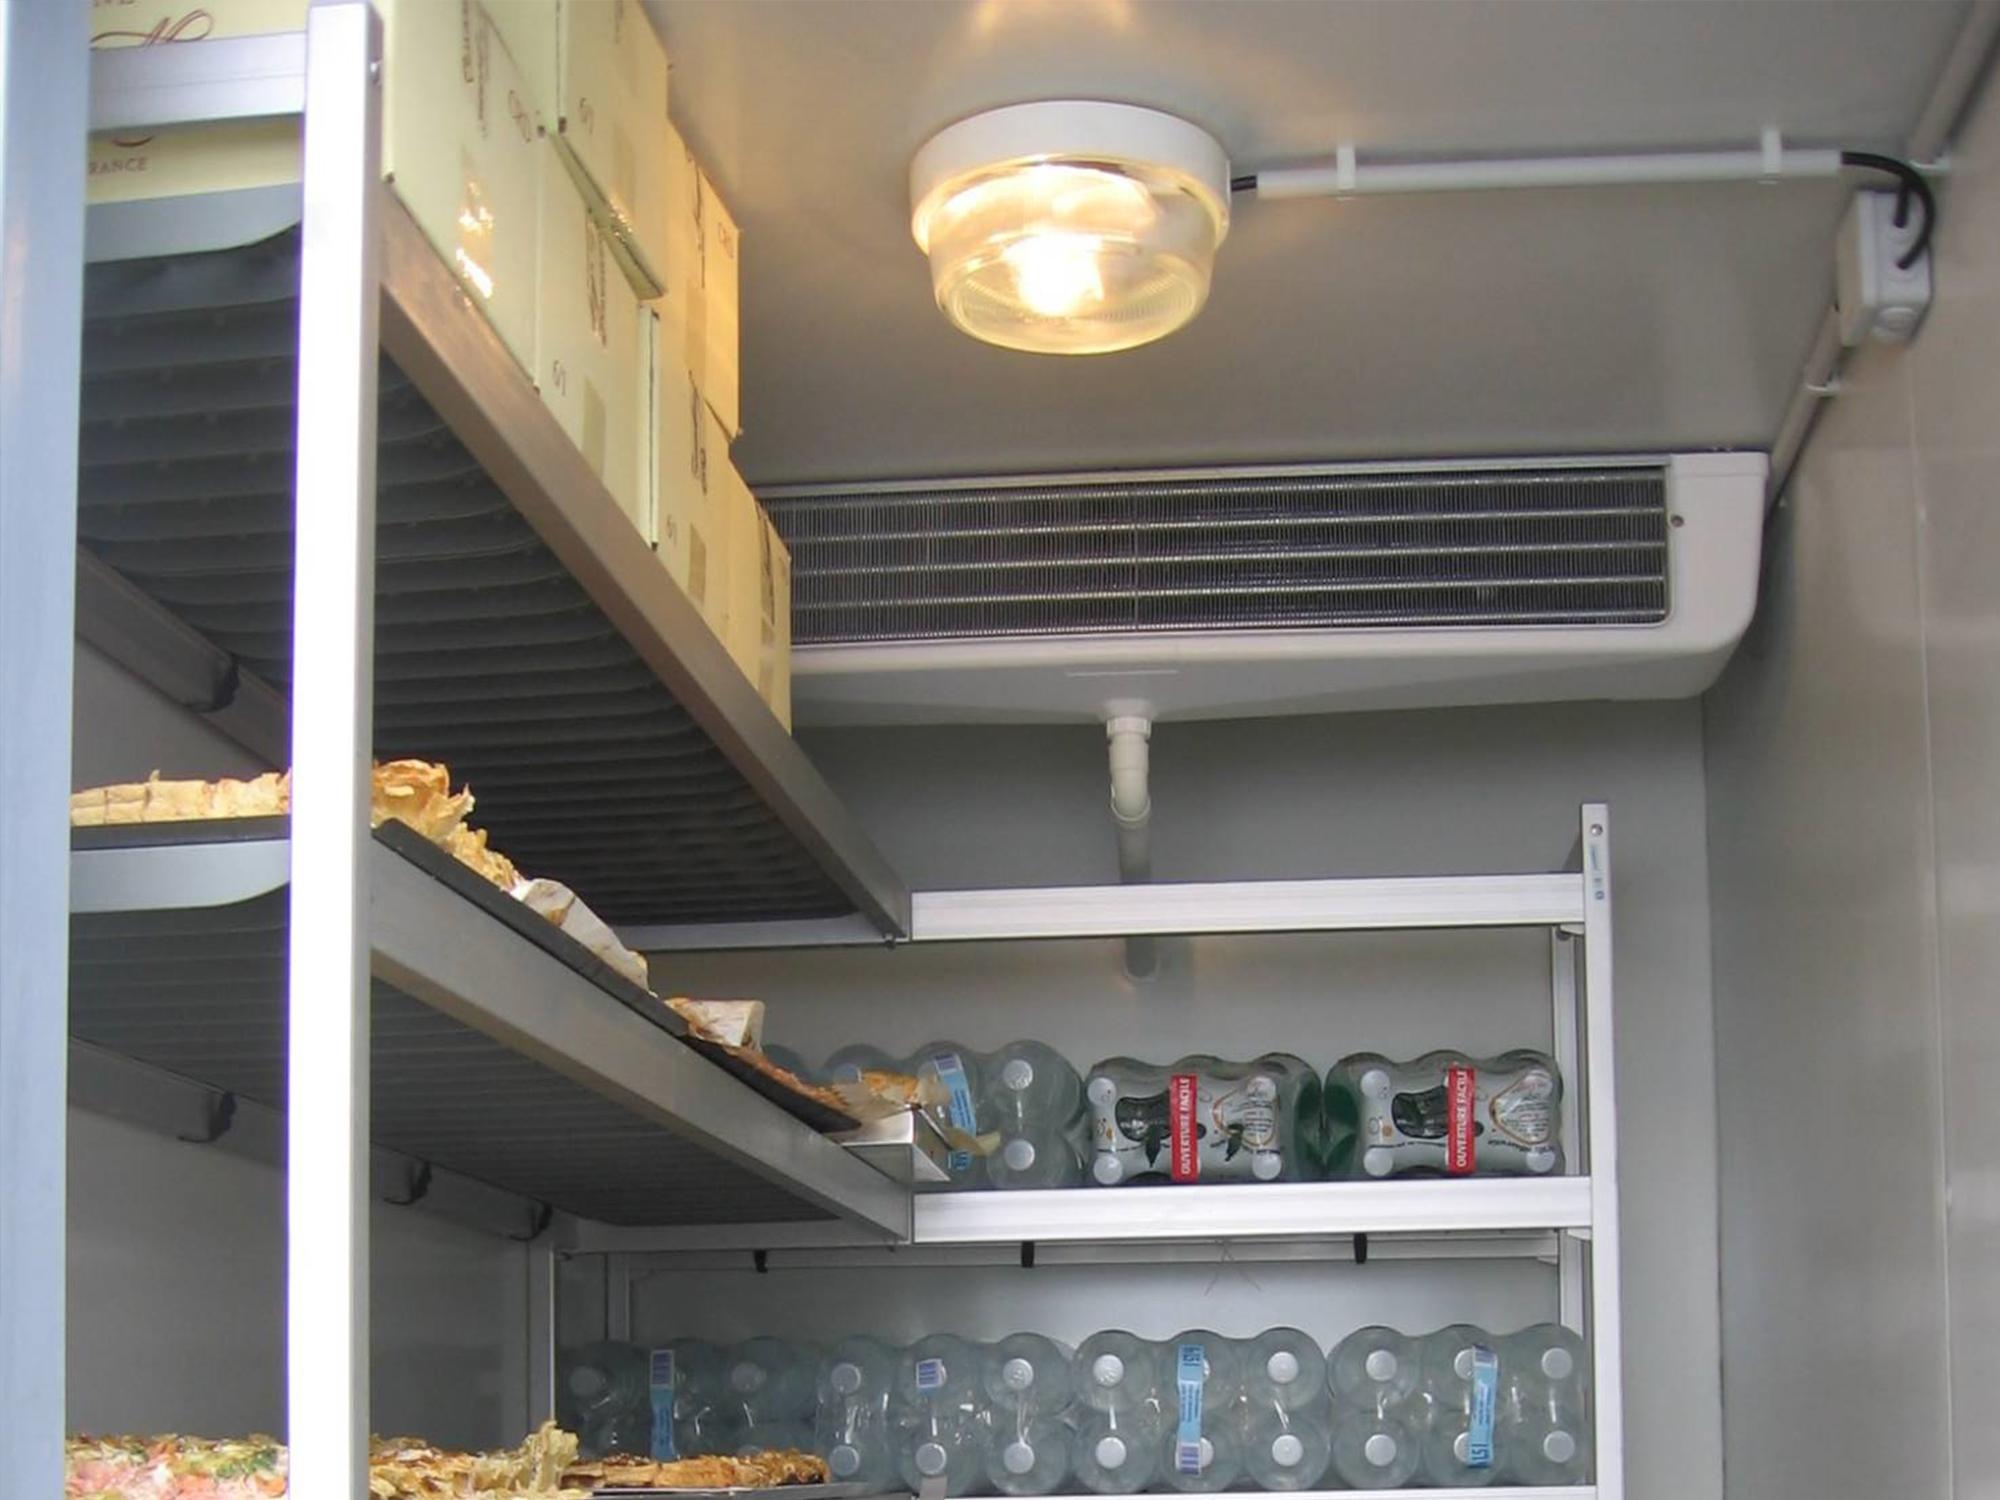 location de machine frigorifique thiers puy de d me. Black Bedroom Furniture Sets. Home Design Ideas